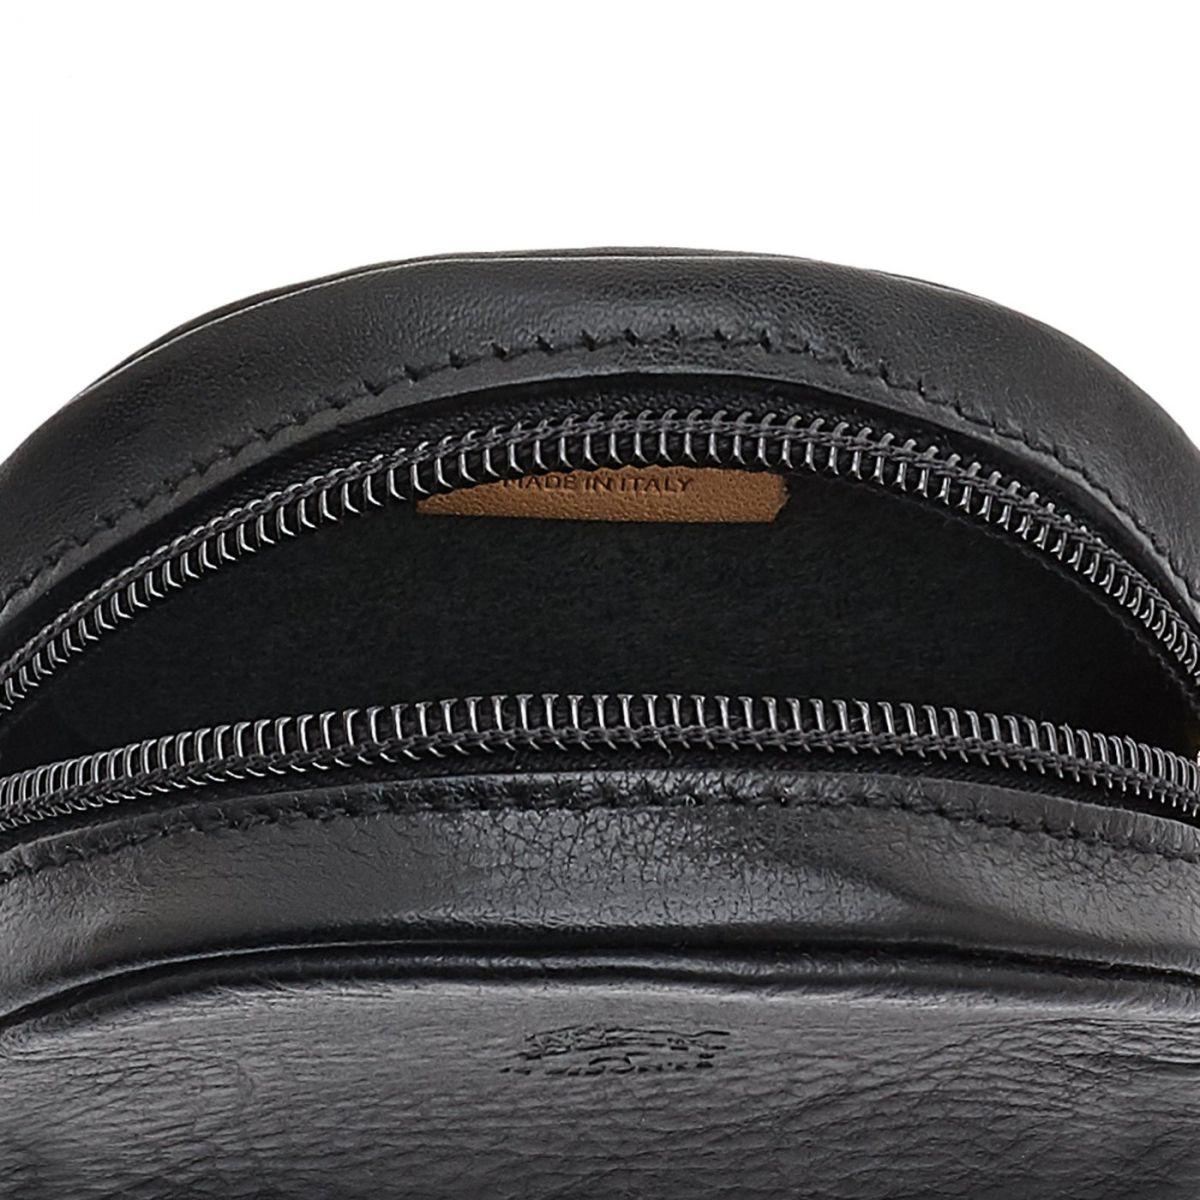 Porte Monnaie  en Cuir De Vachette SCP042 couleur Noir | Details